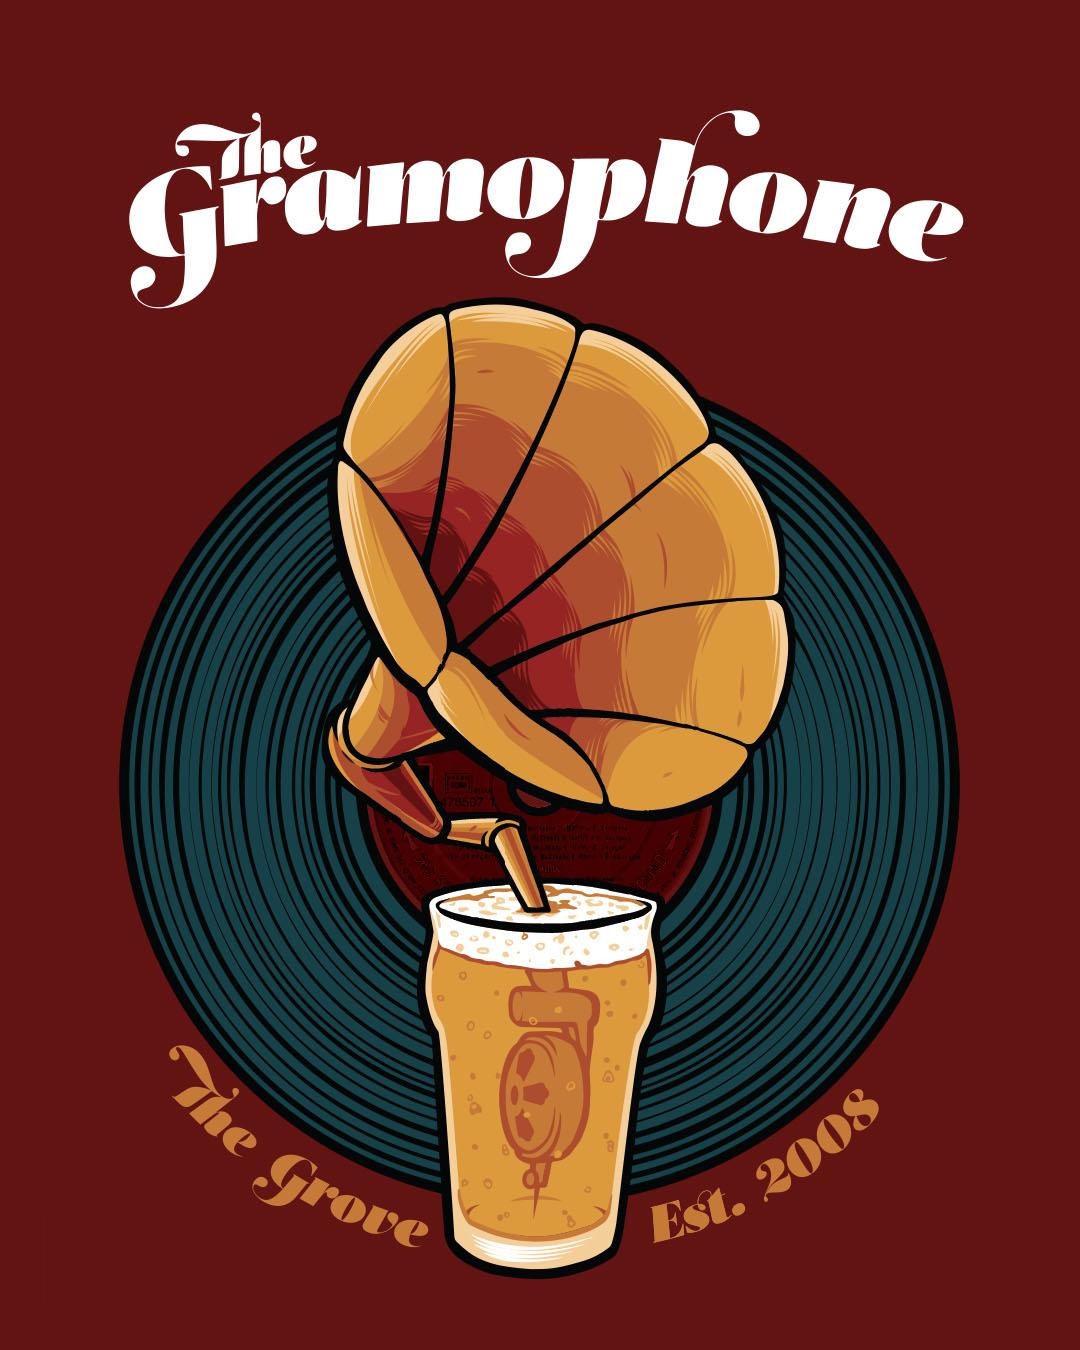 Gramophone-FINAL.jpg